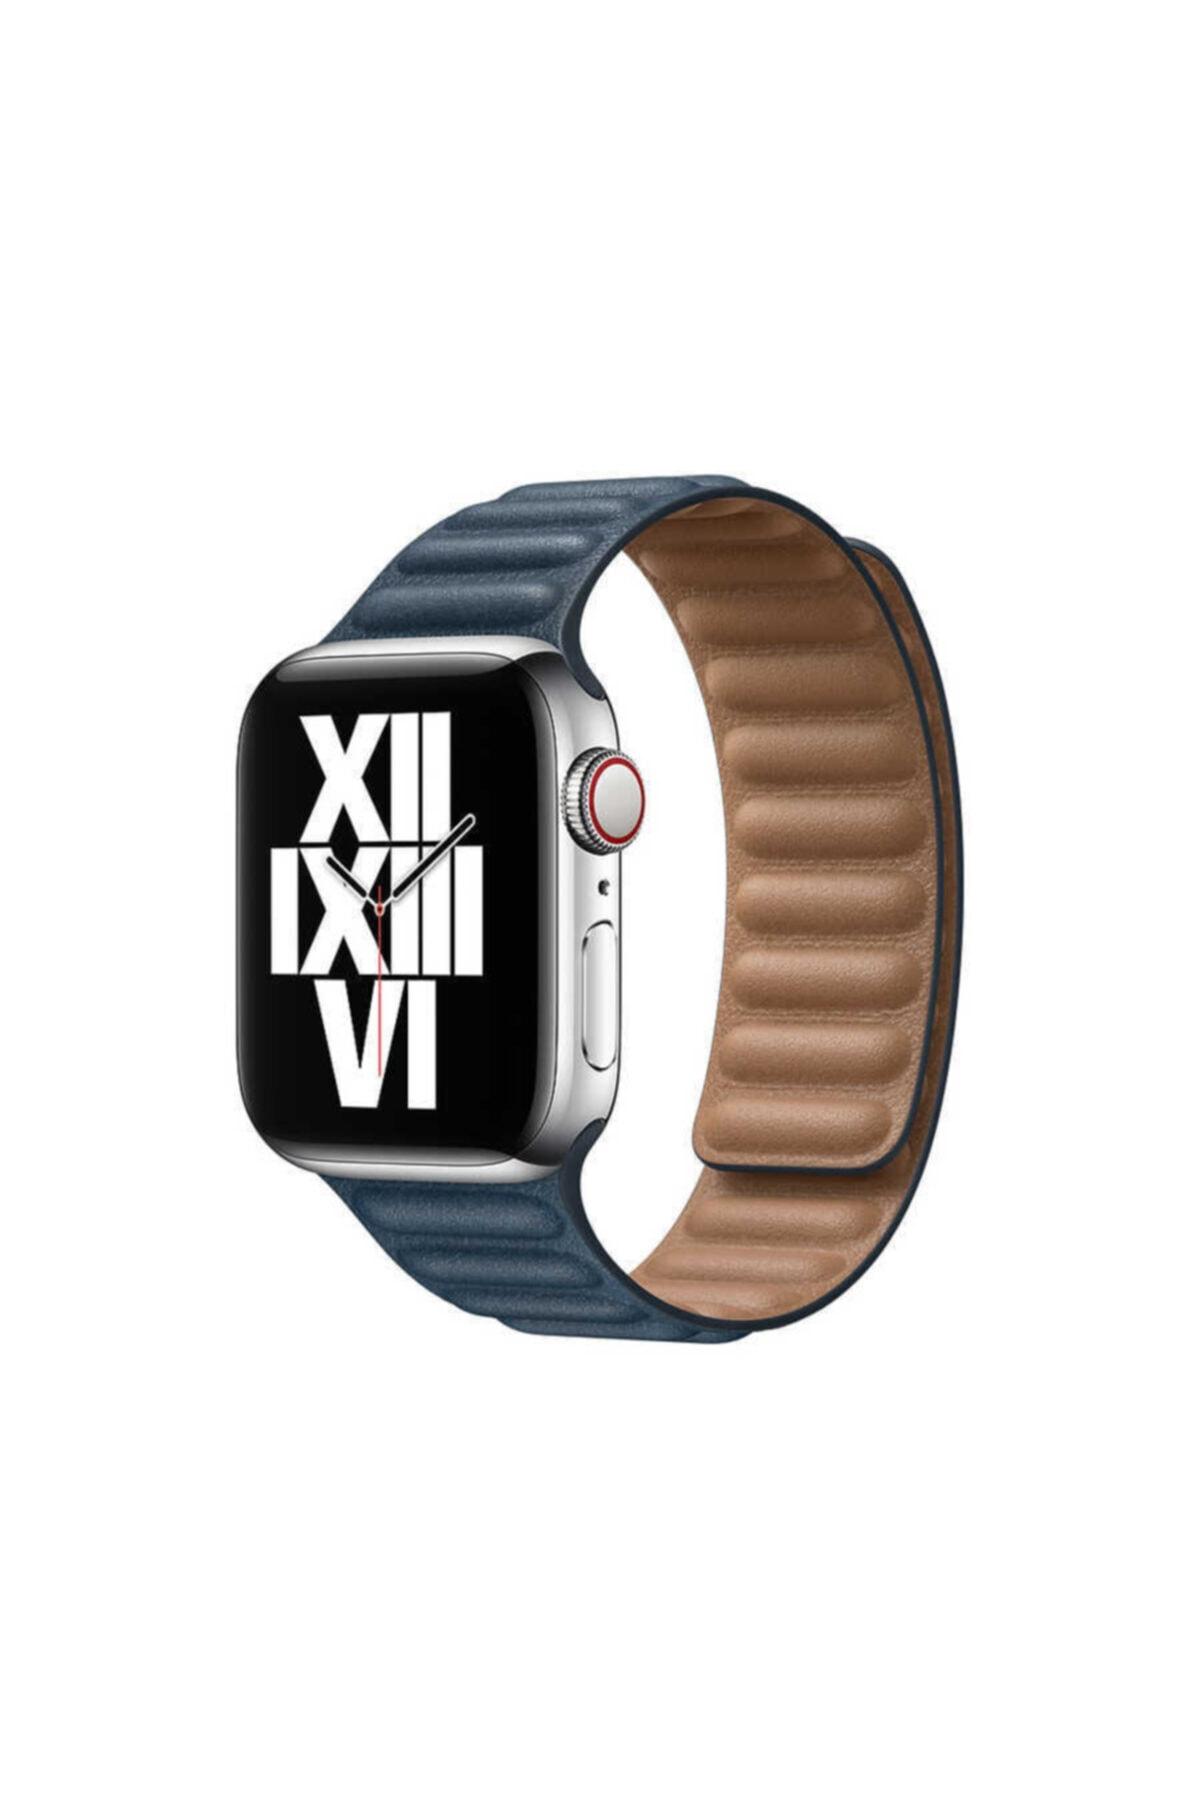 zore Apple Watch 1 2 3 4 5 6 Serisi 44mm Kordon Baklalı Model Mıknatıslı Deri Kayış Baltık Mavisi 1